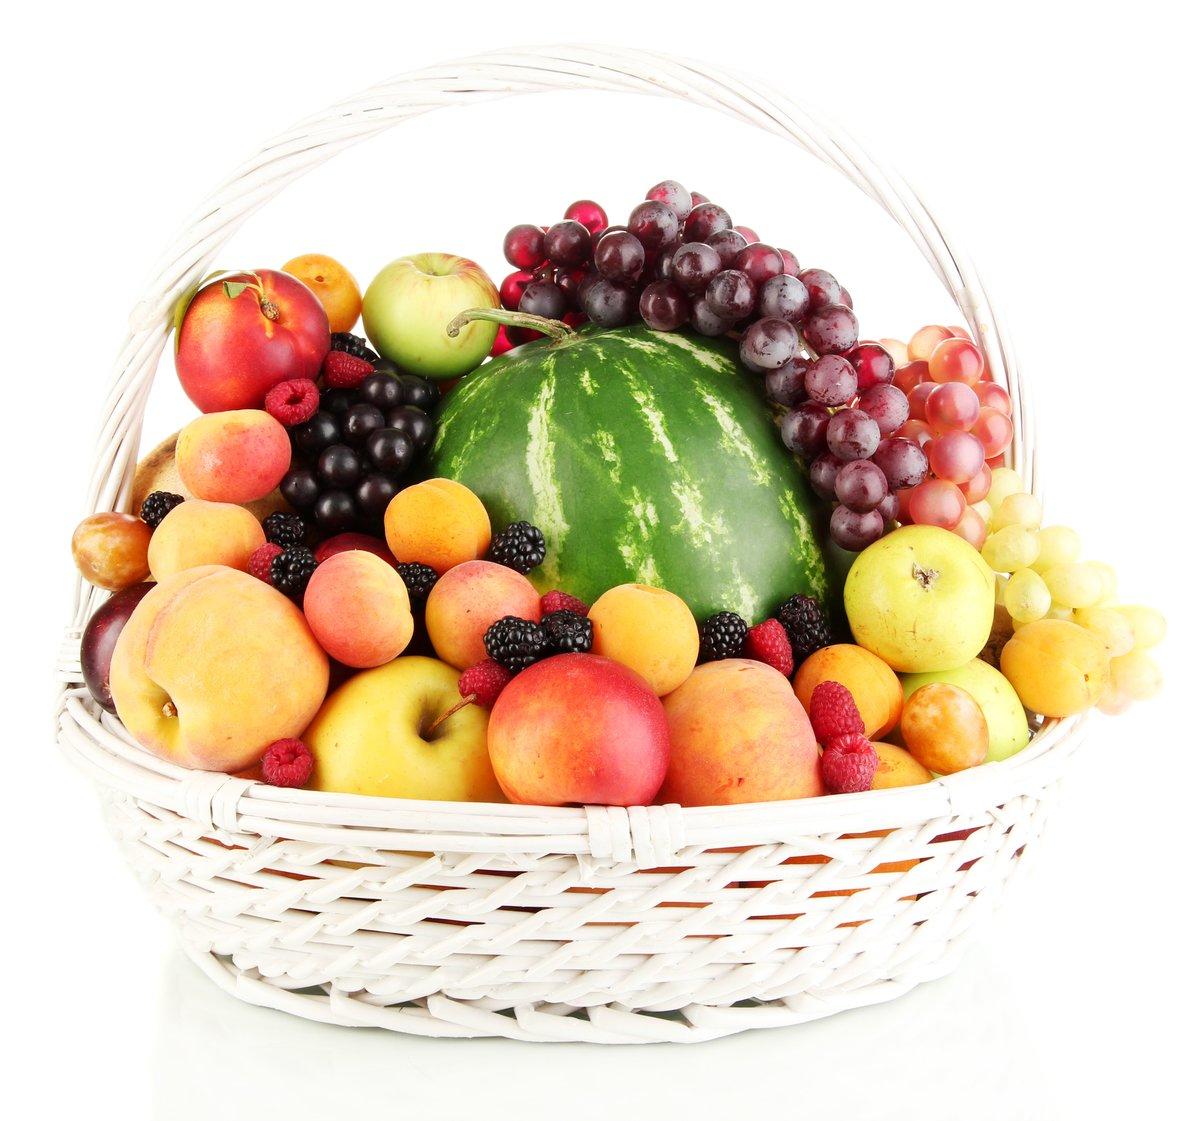 картинка корзинка с фруктами народном творчестве